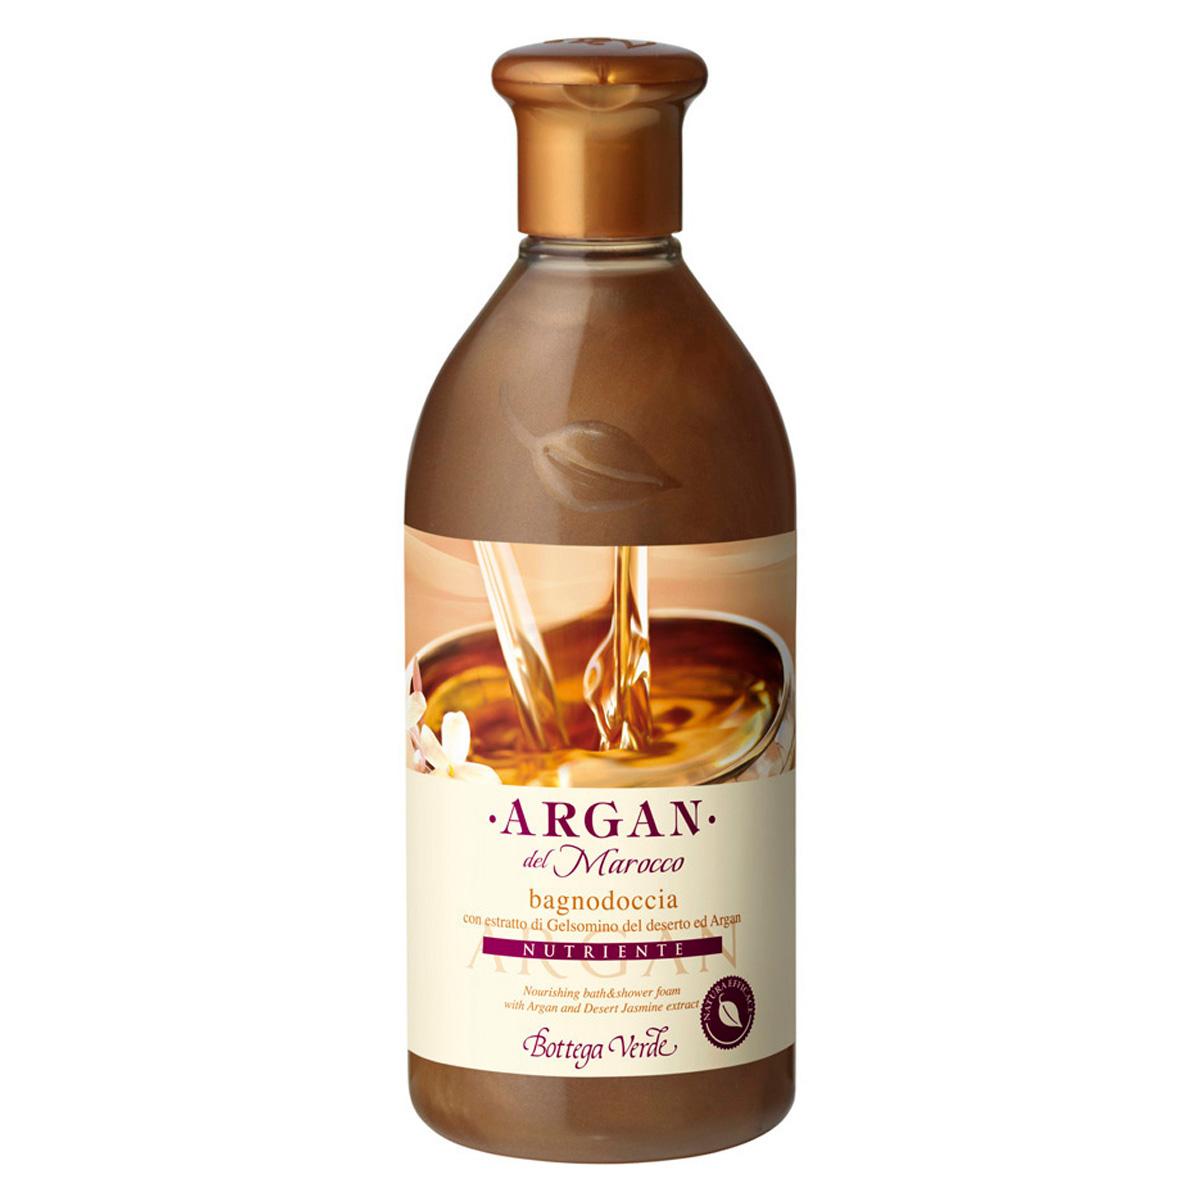 Argan de Maroc - Spuma de baie si dus cu extract de iasomie din desert si ulei de argan regenerator si hranitor